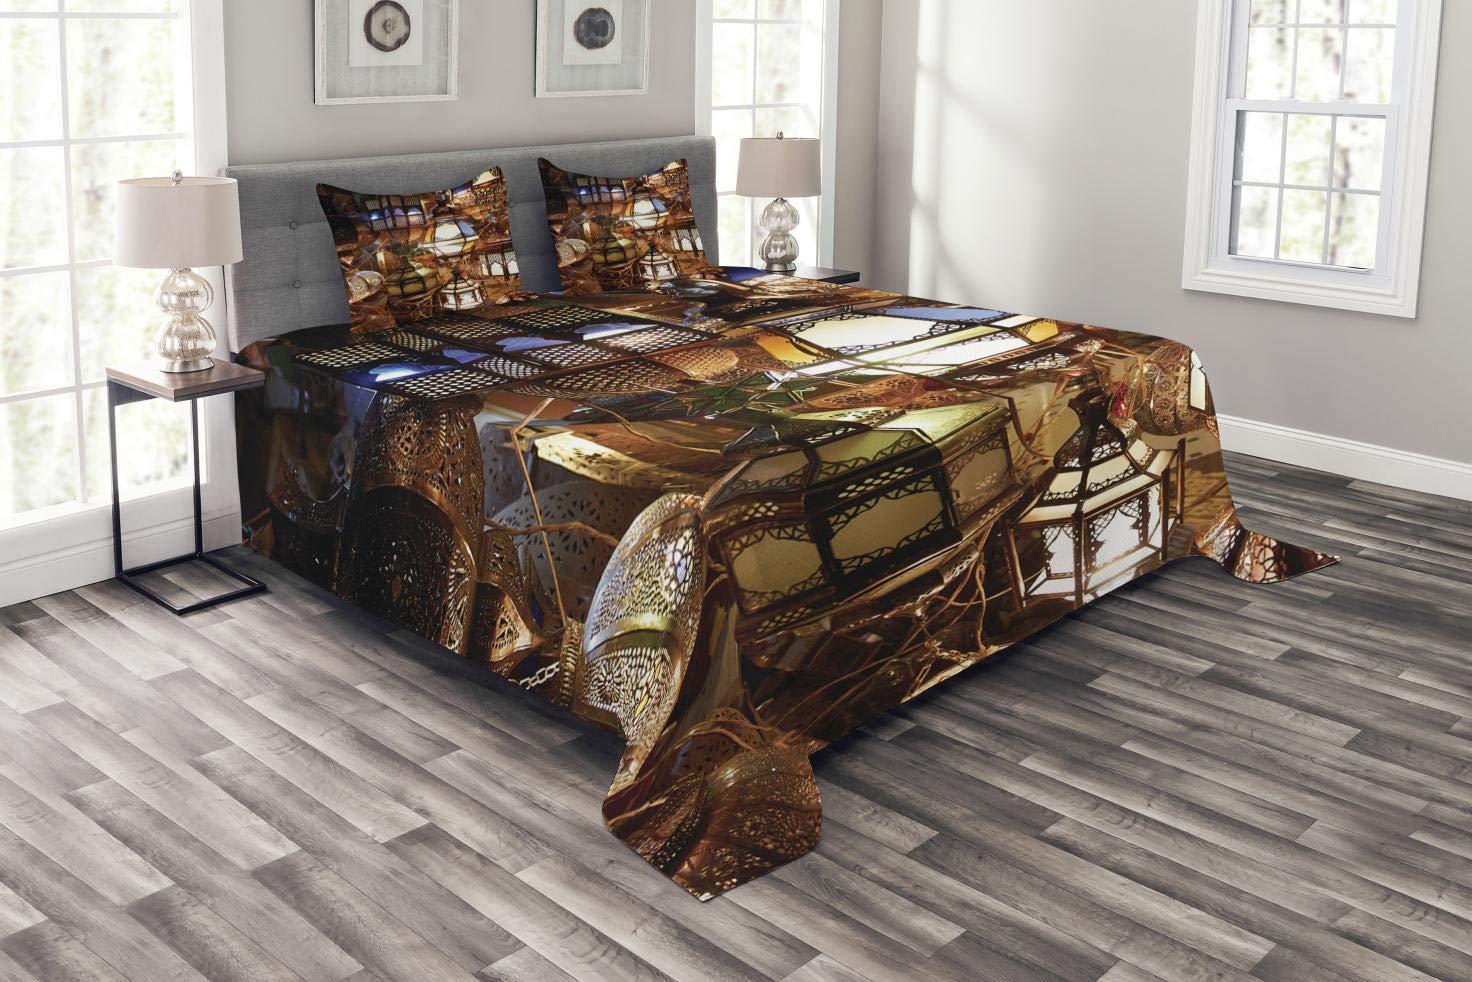 Abakuhaus marokkanisch Tagesdecke Set, Abend Arabisch Laterne, Set mit Kissenbezügen Romantischer Stil, für Doppelbetten 220 x 220 cm, Lila Braun Grün